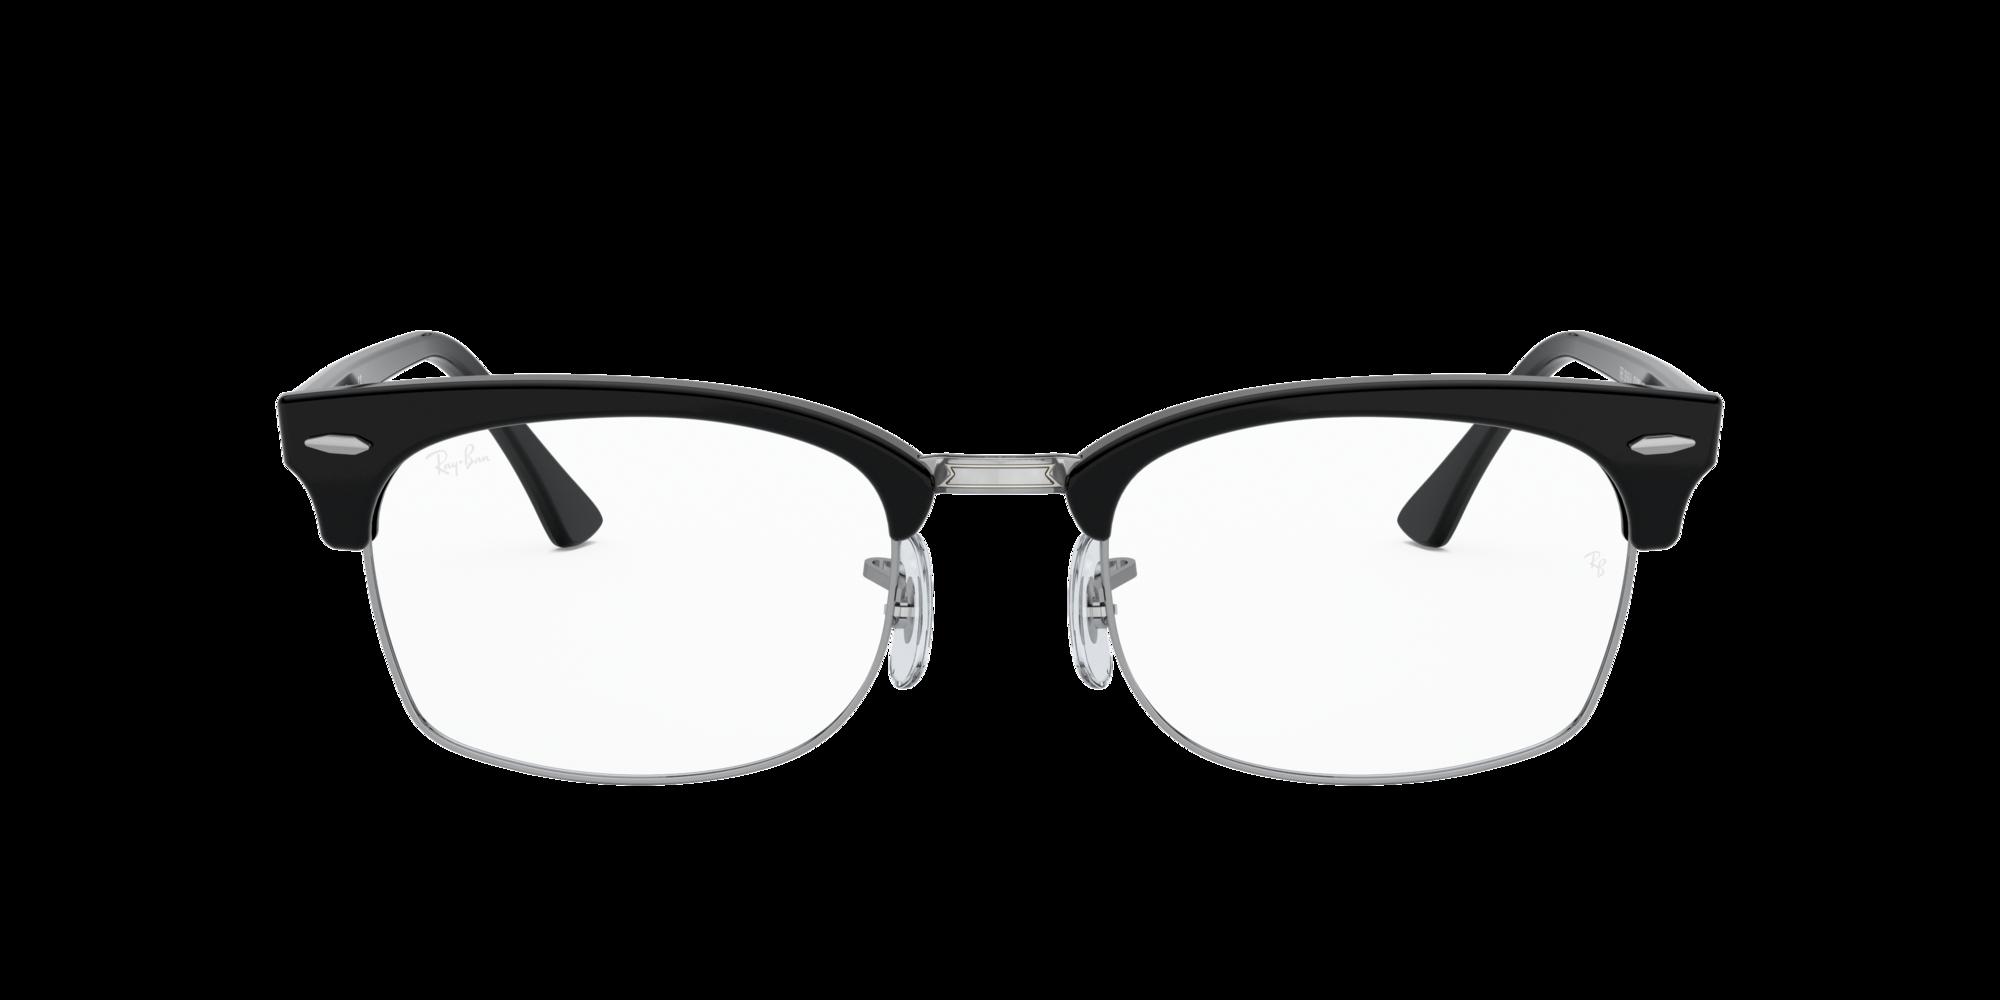 Imagen para RX3916V de LensCrafters |  Espejuelos, espejuelos graduados en línea, gafas